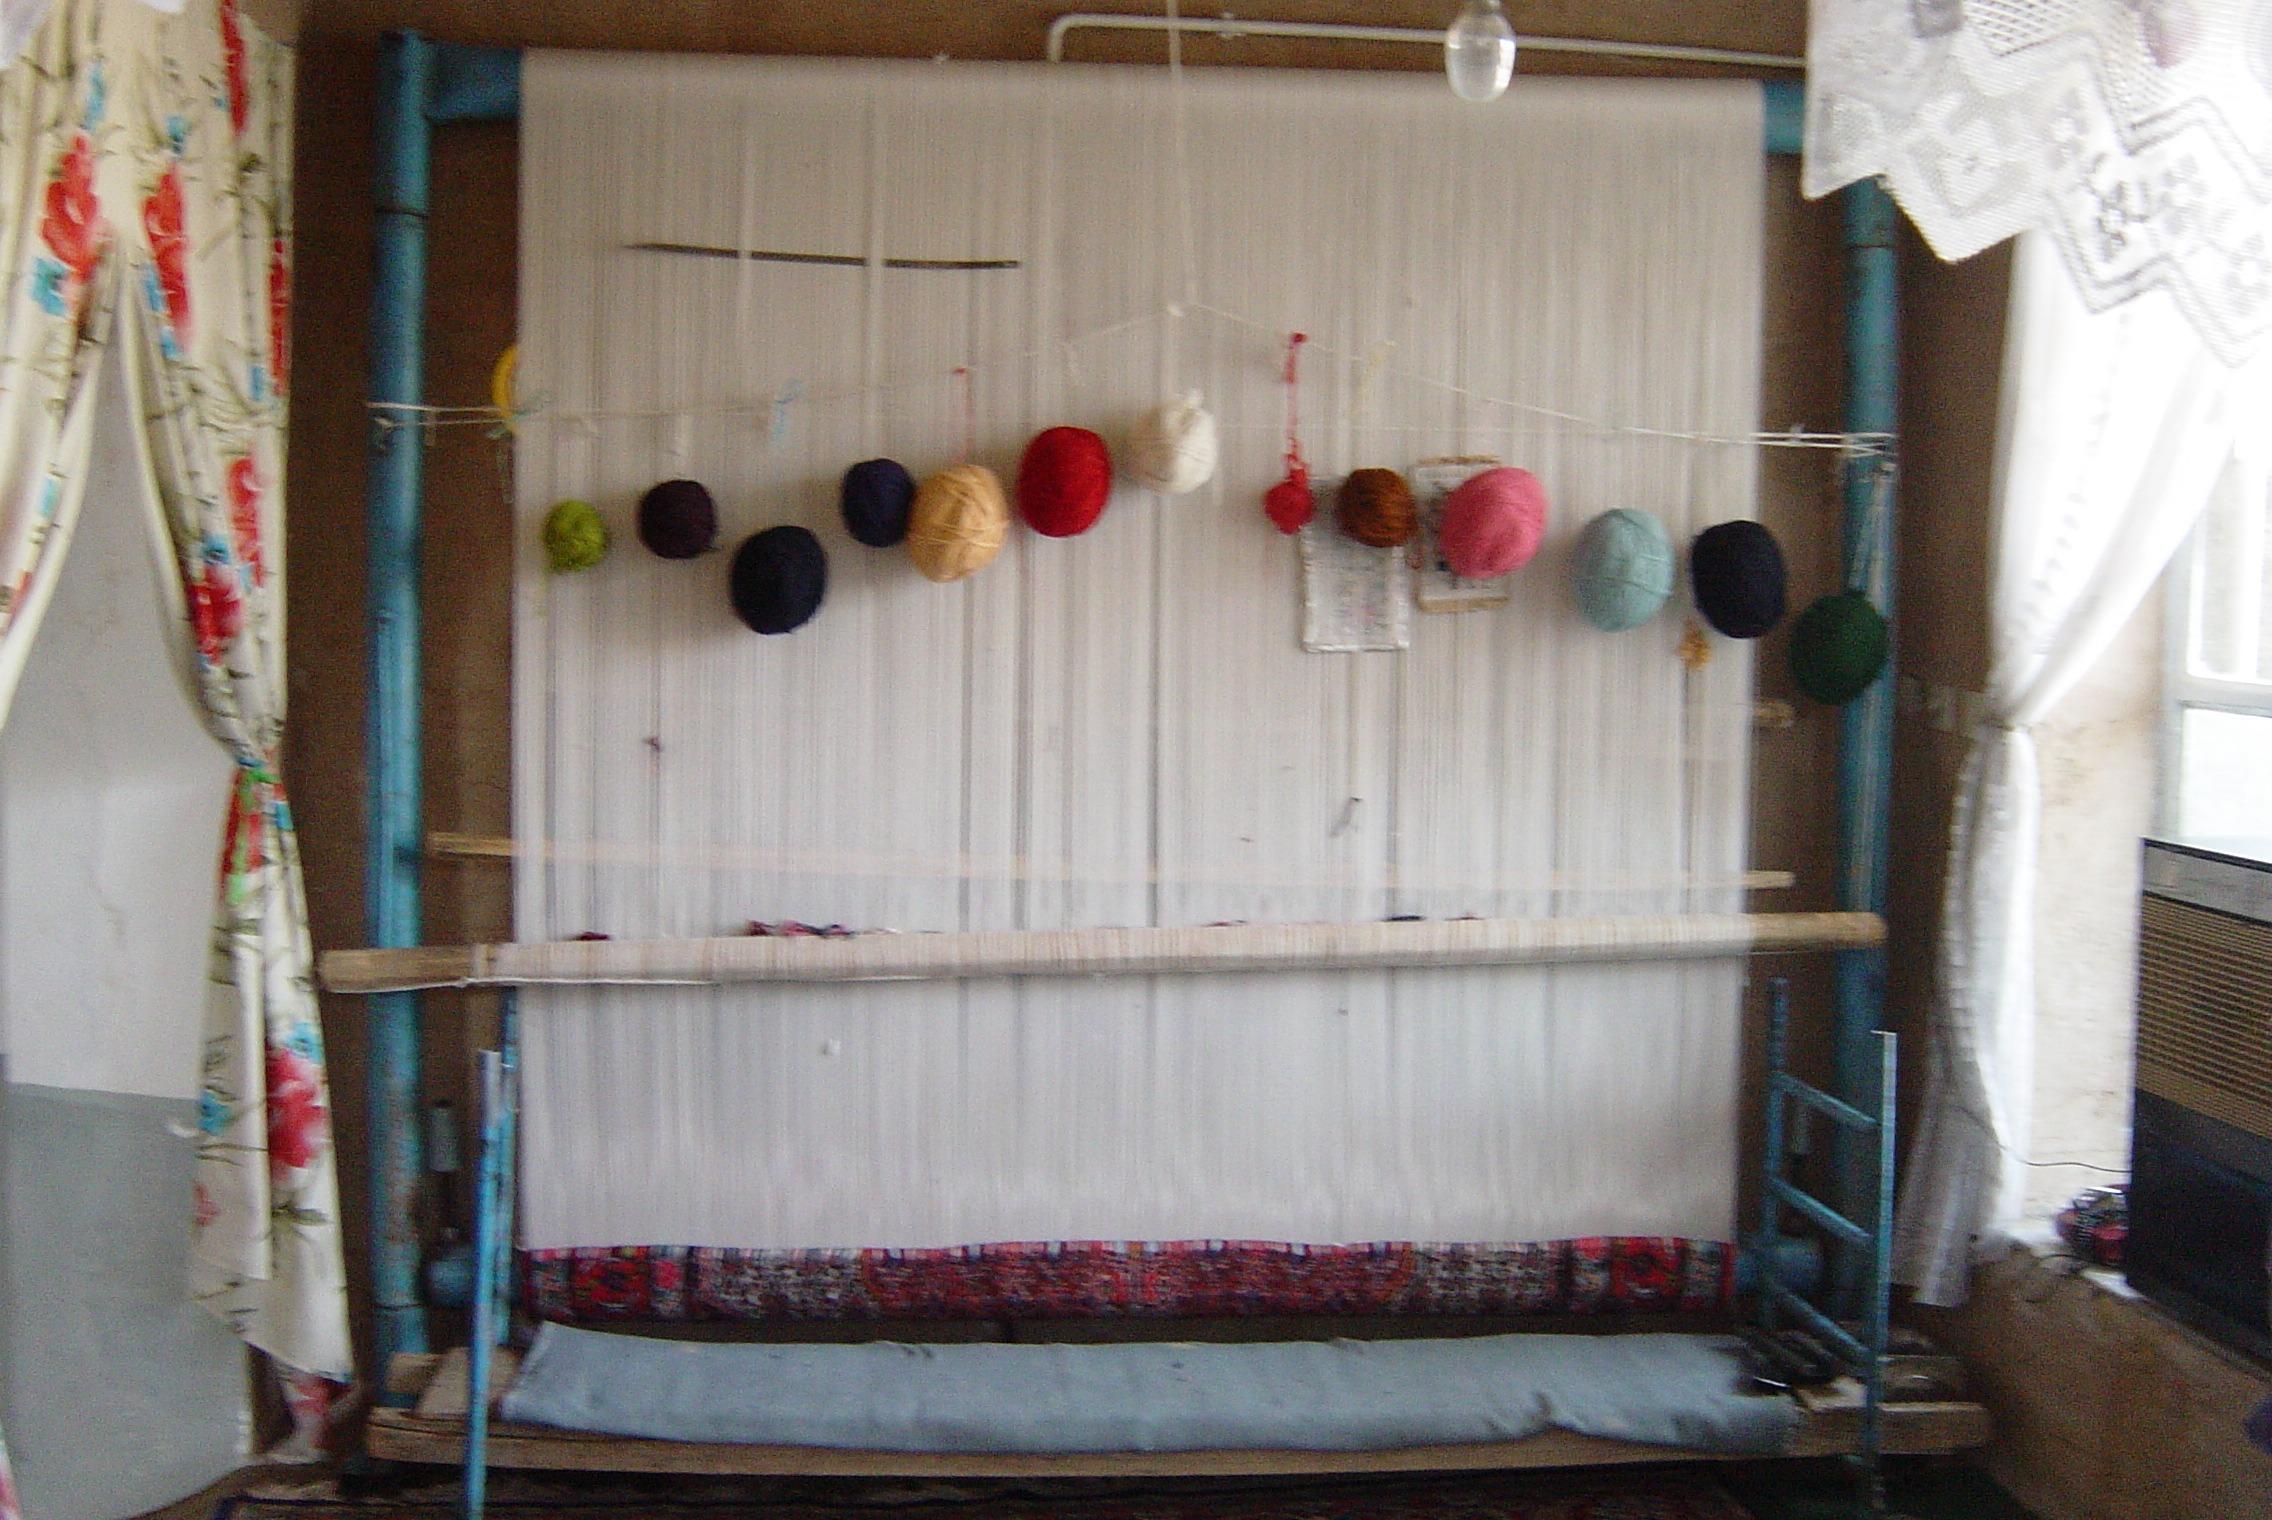 خدمات دارکشی قالیچه در مشهد